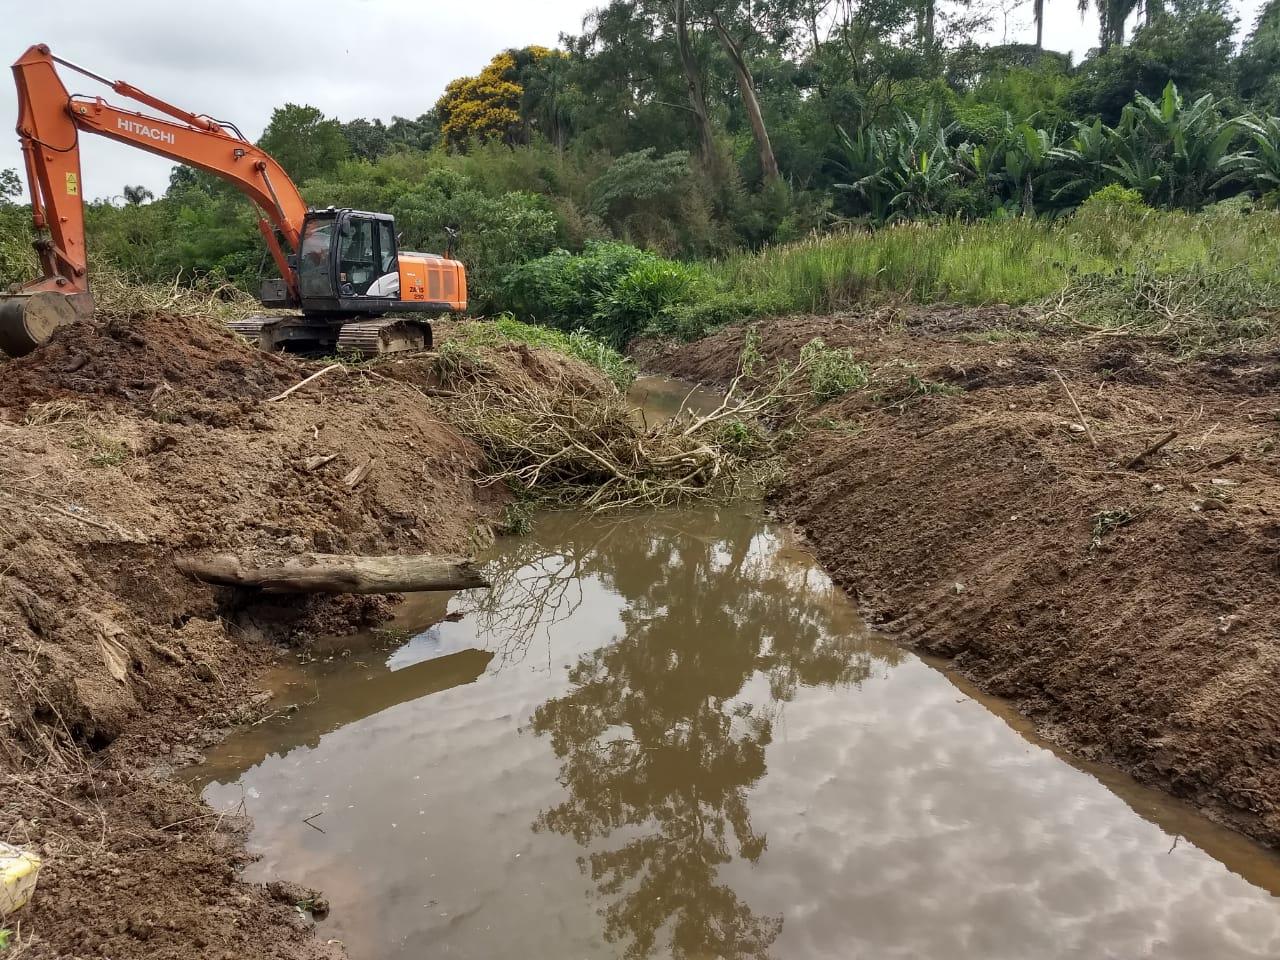 Os trabalhos de prevenção de enchentes e alagamentos não param